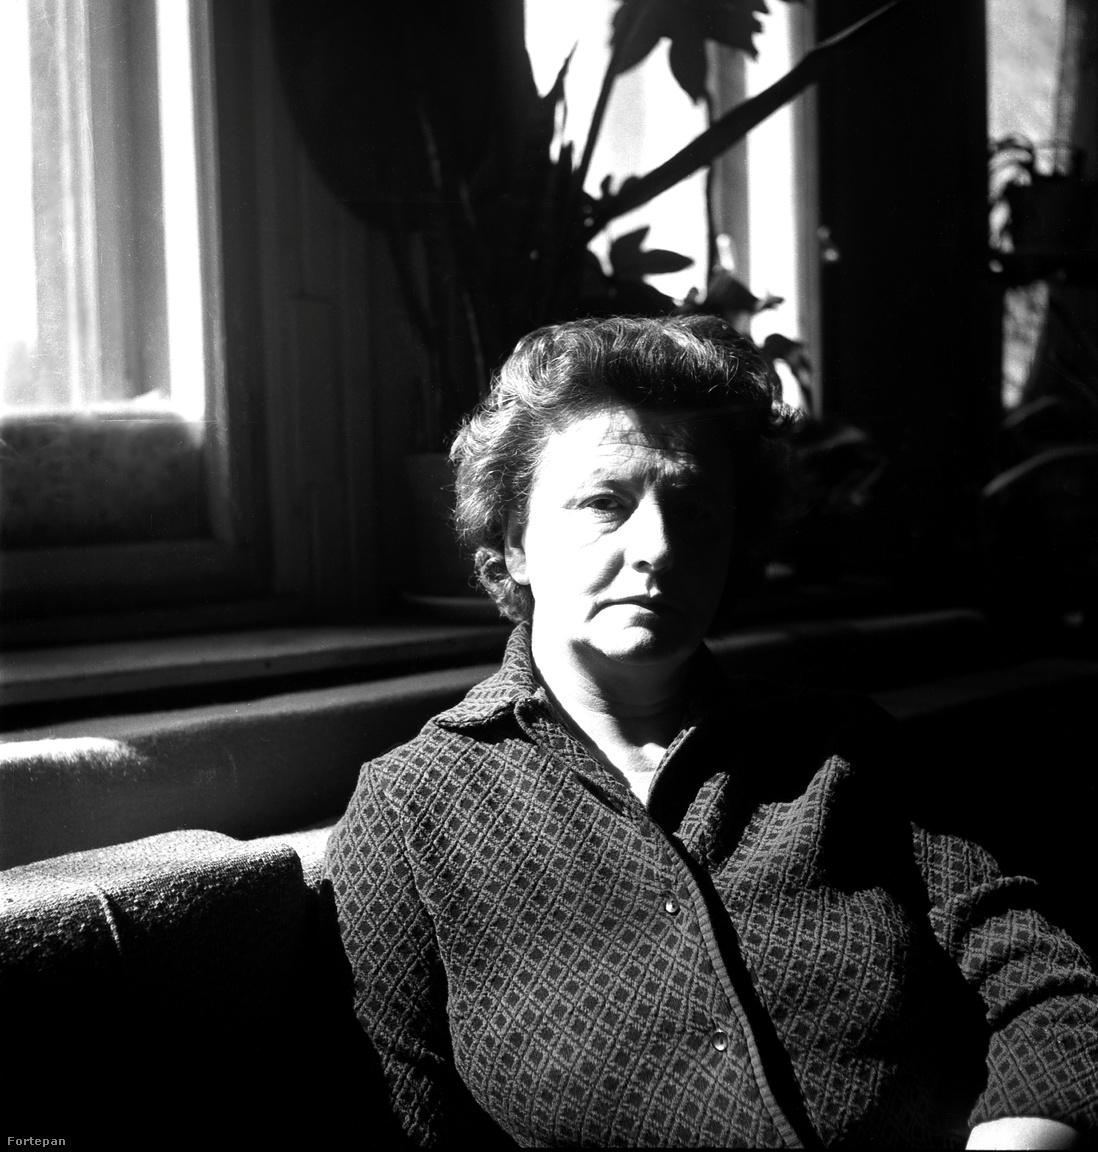 Pollák Erzsébet élete végéig a férjével maradt, és több évtizeden keresztül dolgoztak együtt az üzletben. Az asszony 1981-ben hunyt el, 64 évet élt.